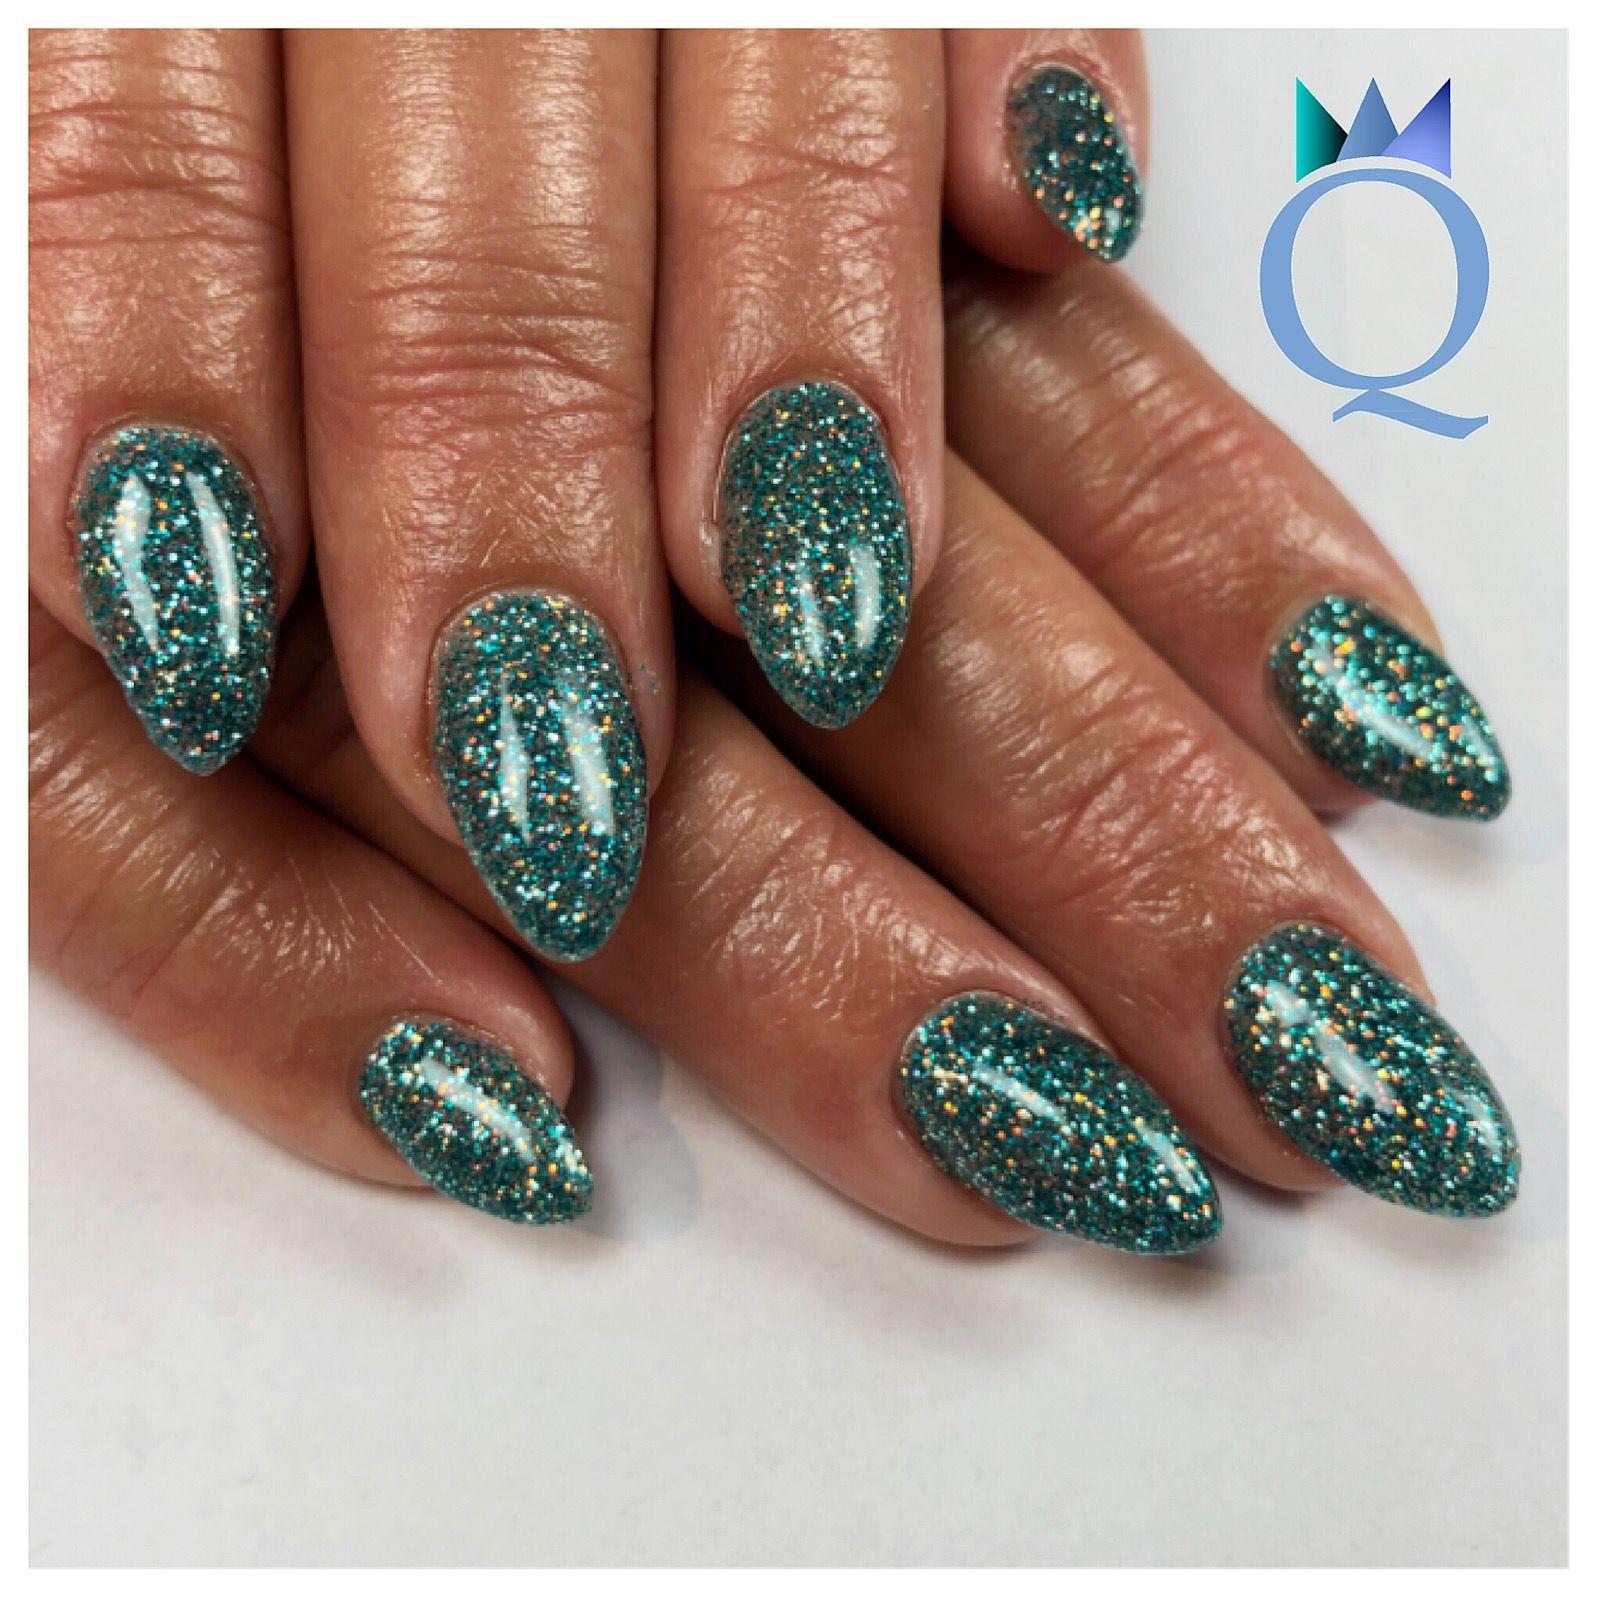 almondnails gelnails nails turquoise glitter mandelform geln gel n gel t rkis glitzer. Black Bedroom Furniture Sets. Home Design Ideas